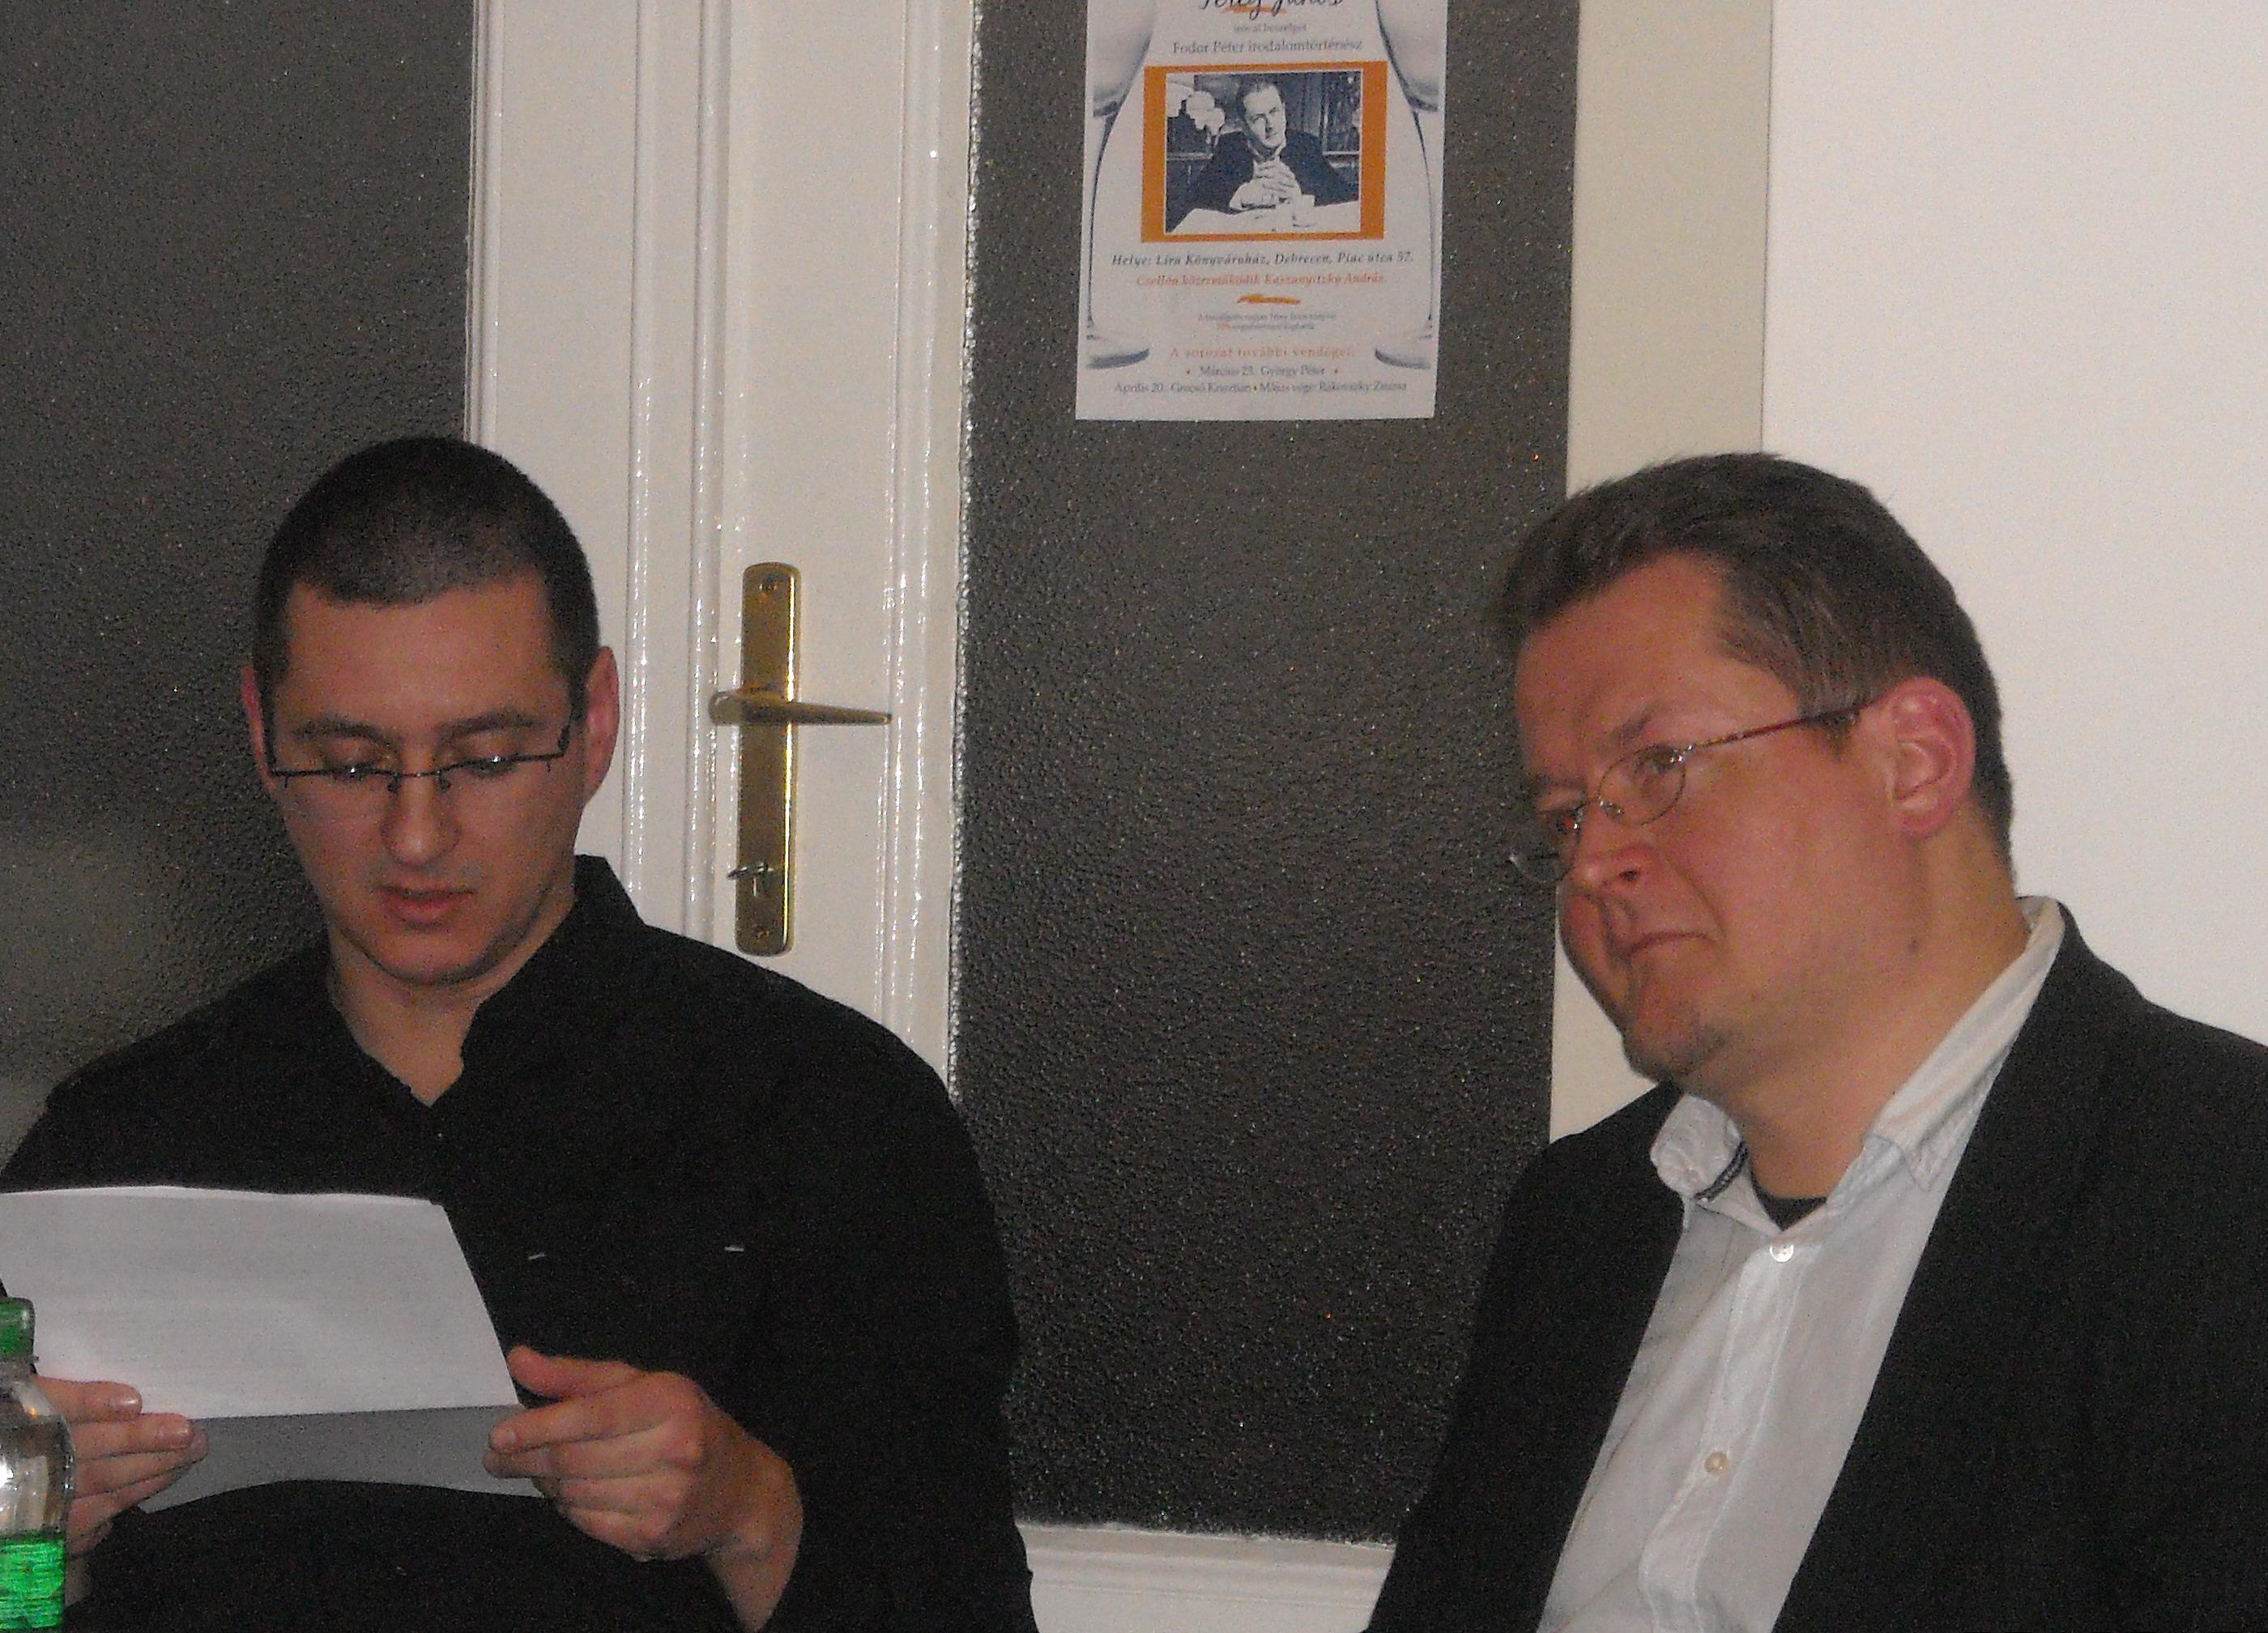 Balról az est moderátora, Fodor Péter, mellette Térey János költő